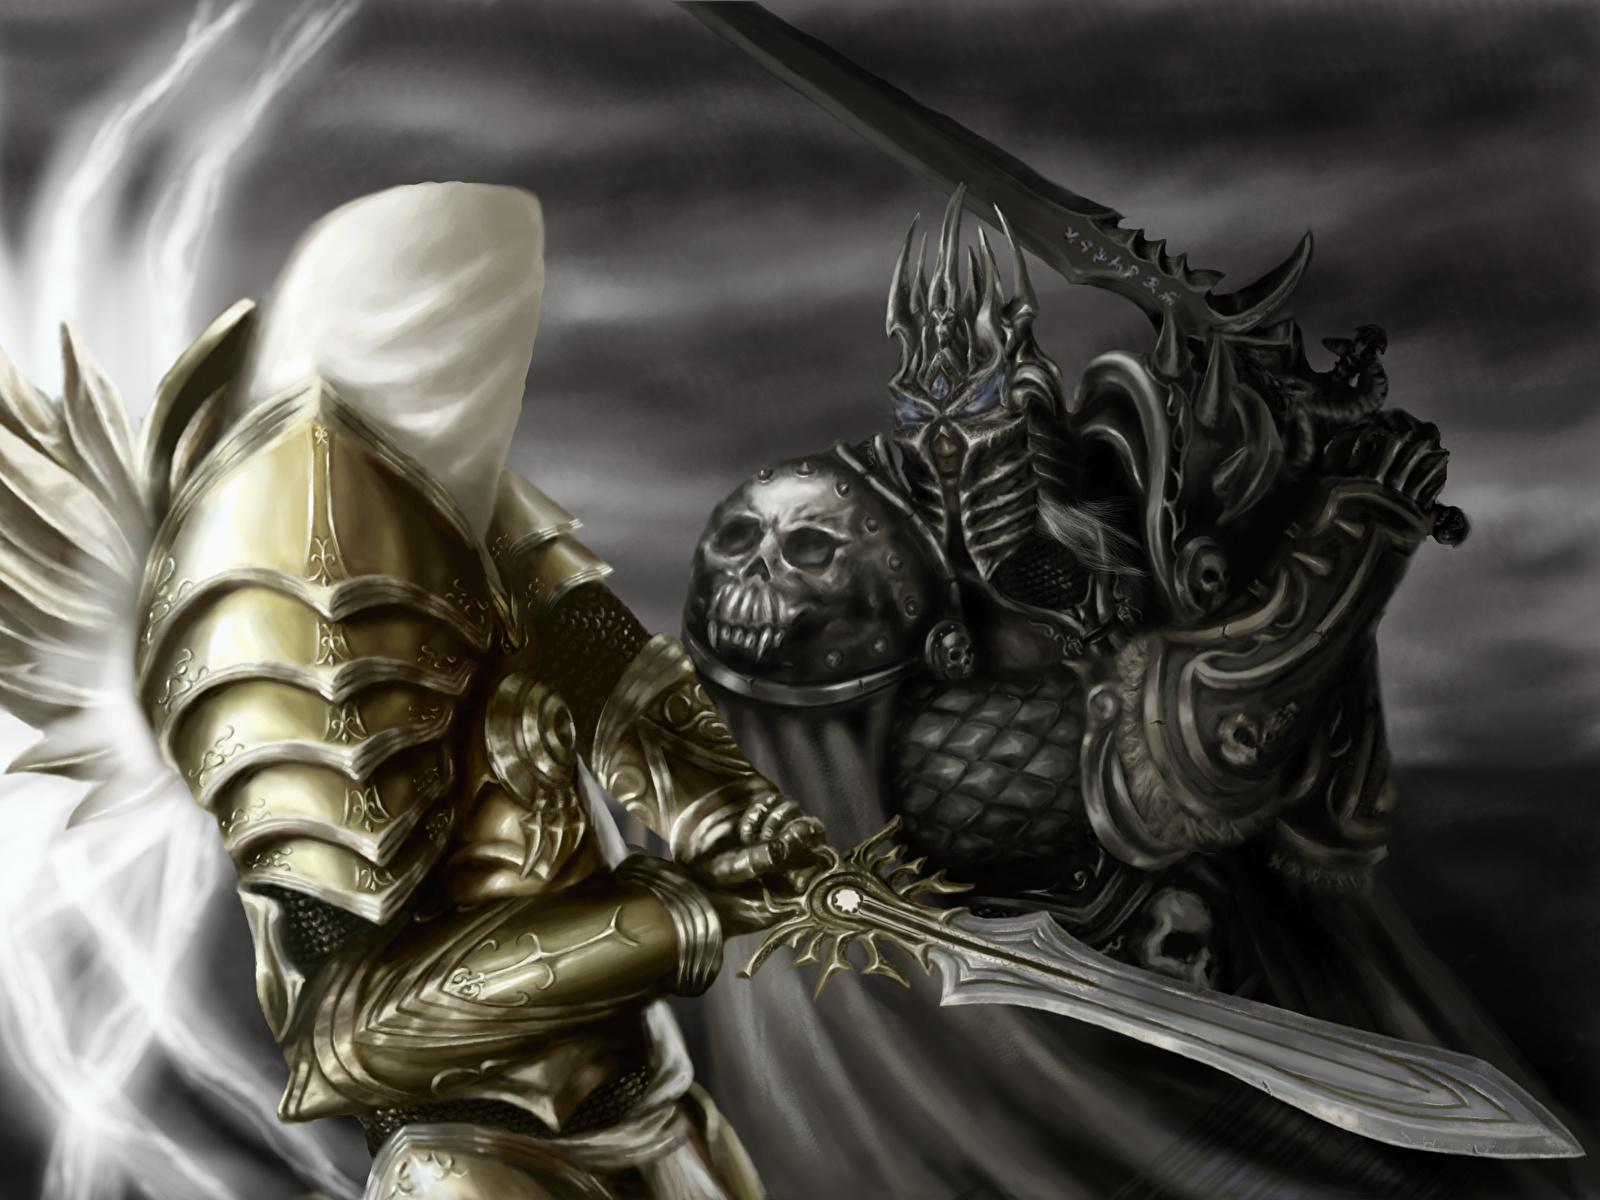 Wallpaper Heroes Of The Storm Armor Swords Warrior Lich